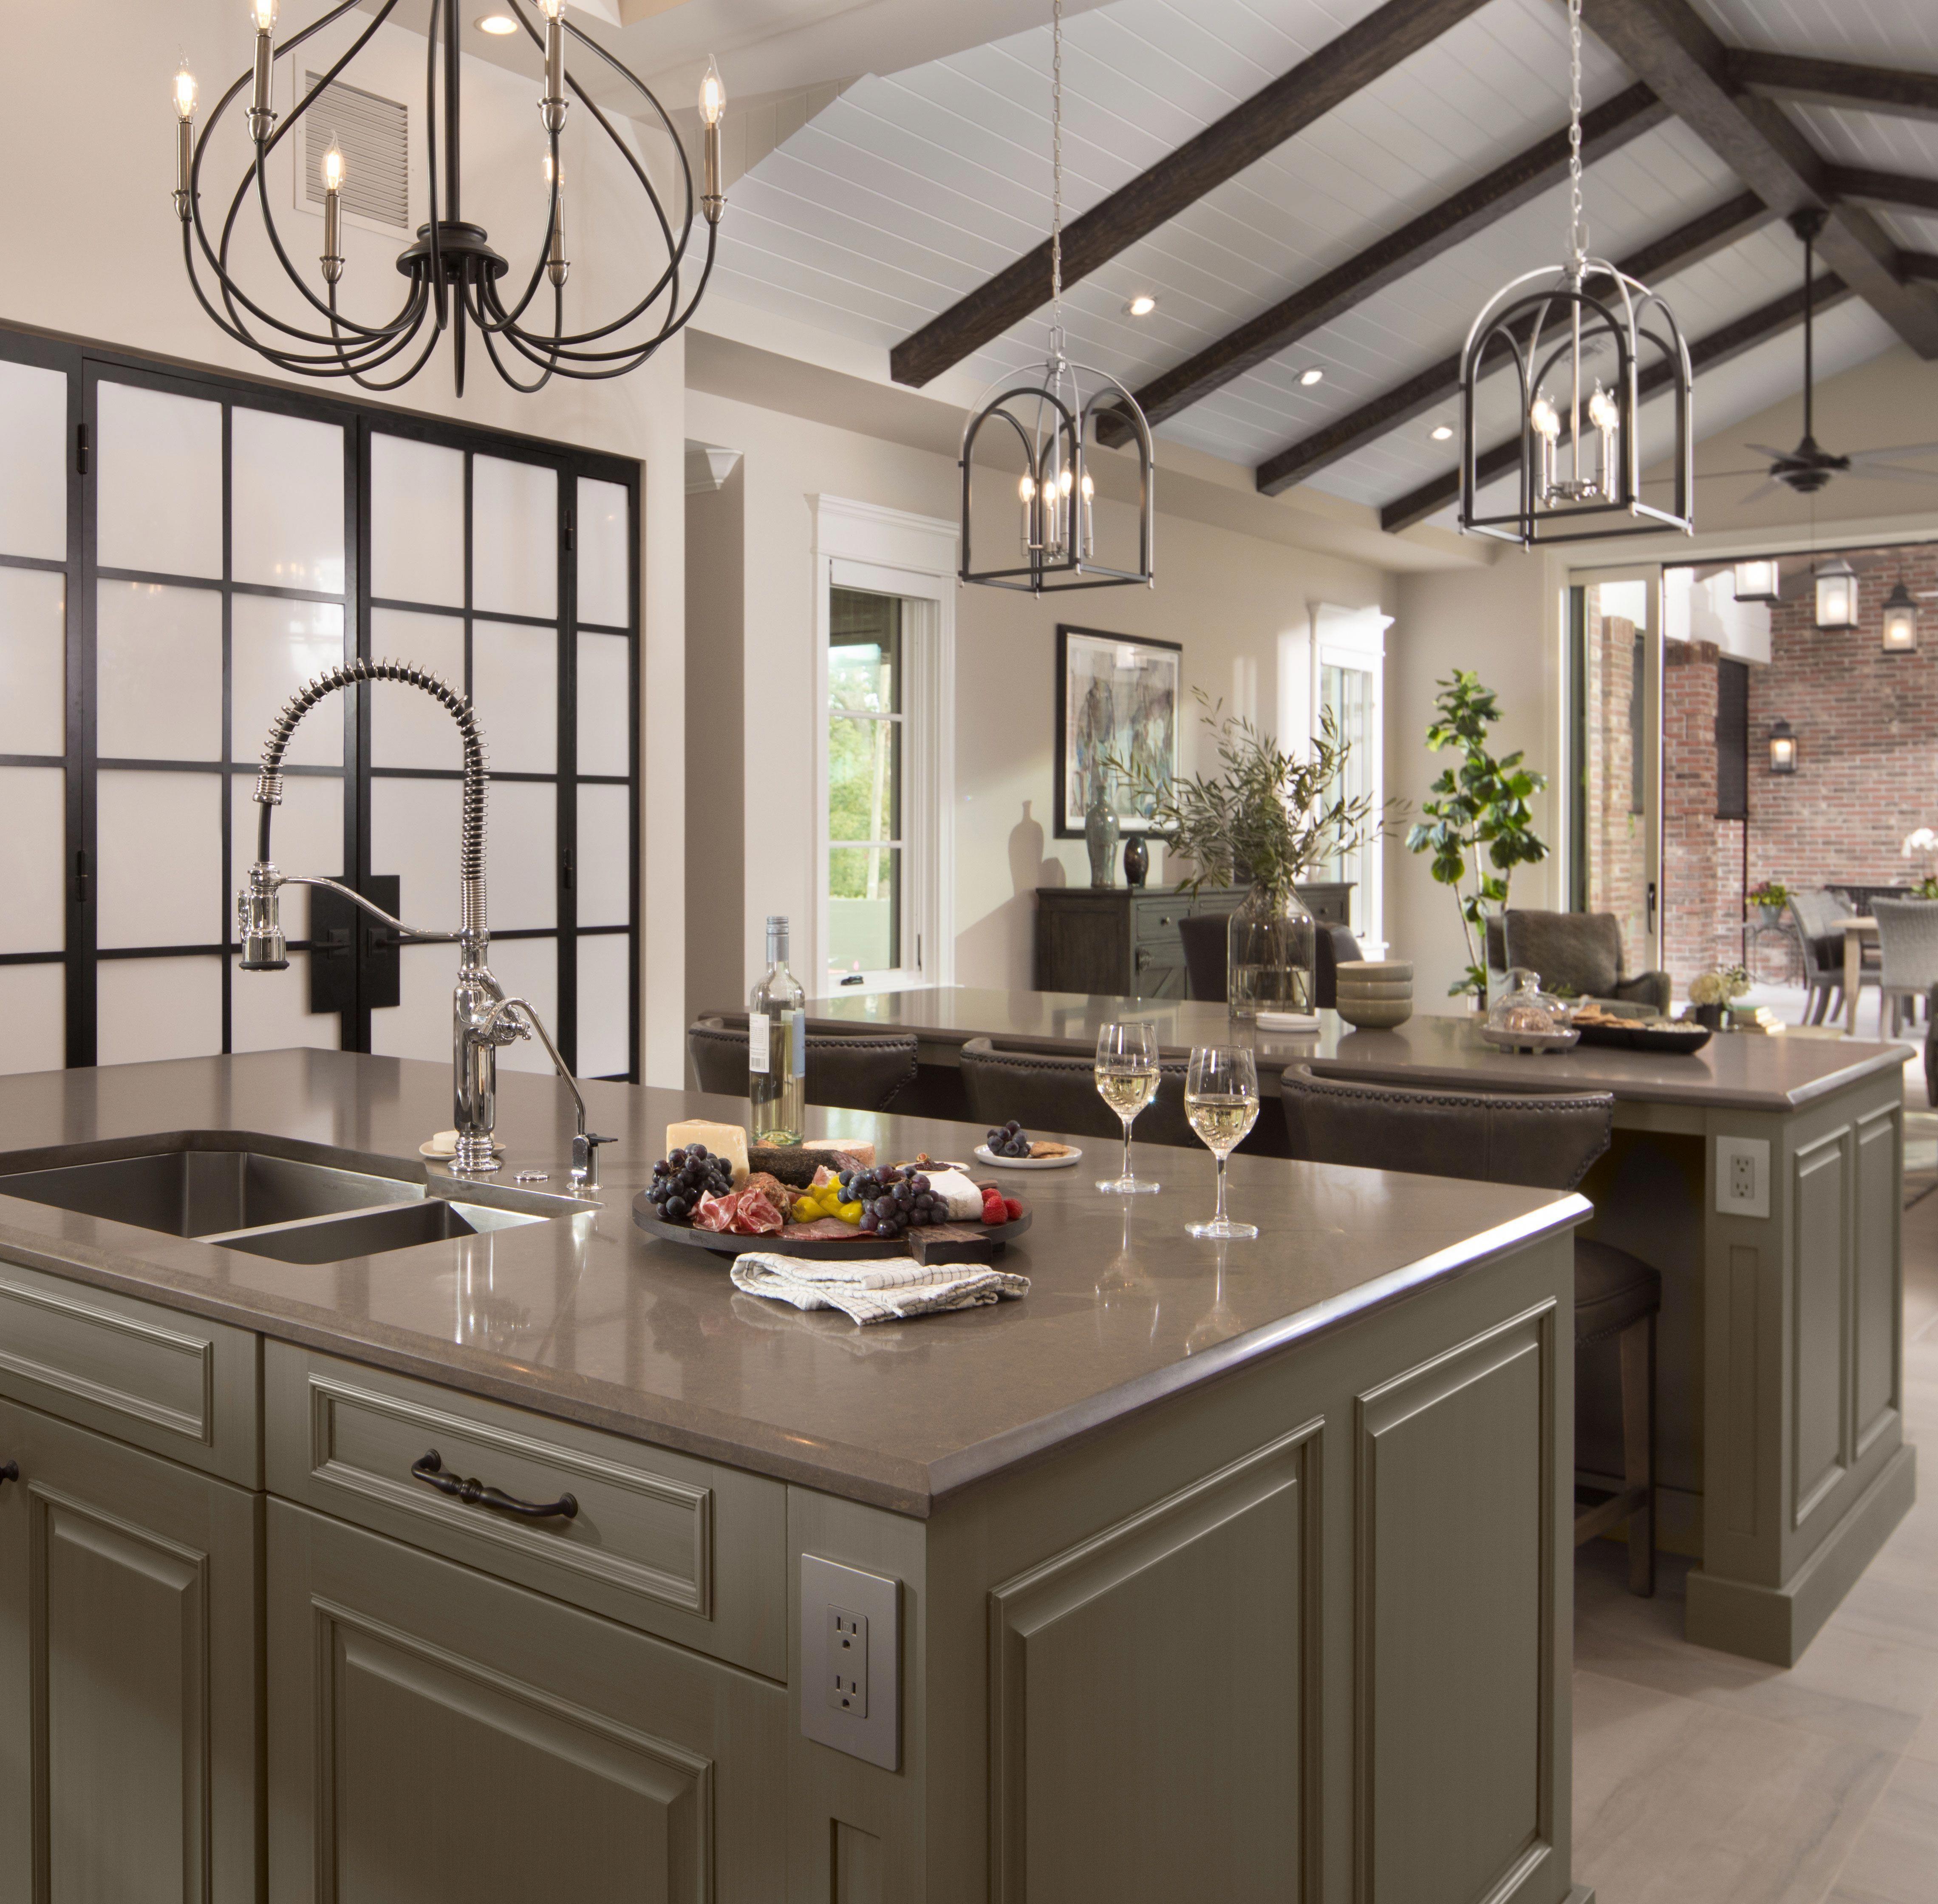 Kitchen Decor Stores | Kitchen Decor Inspiration | Home ...